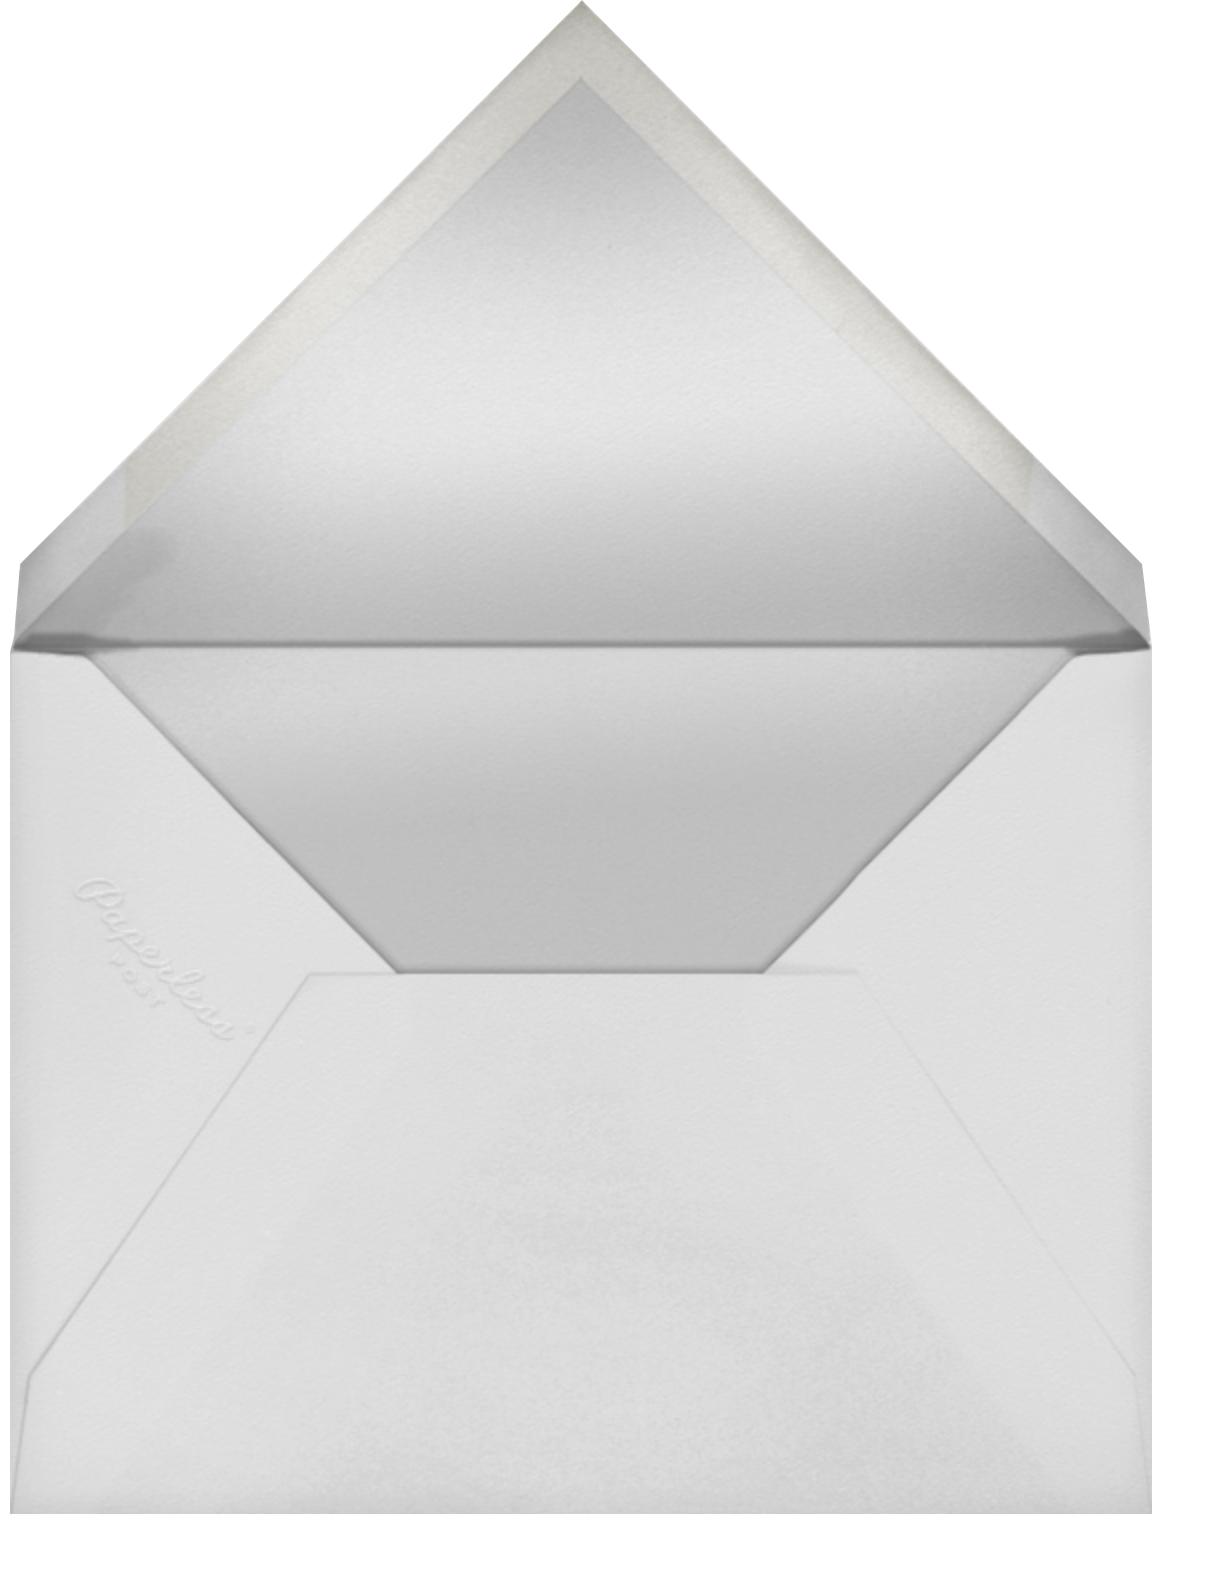 Josephine Baker (Menu) - Black/Rose Gold - Paperless Post - Menus - envelope back